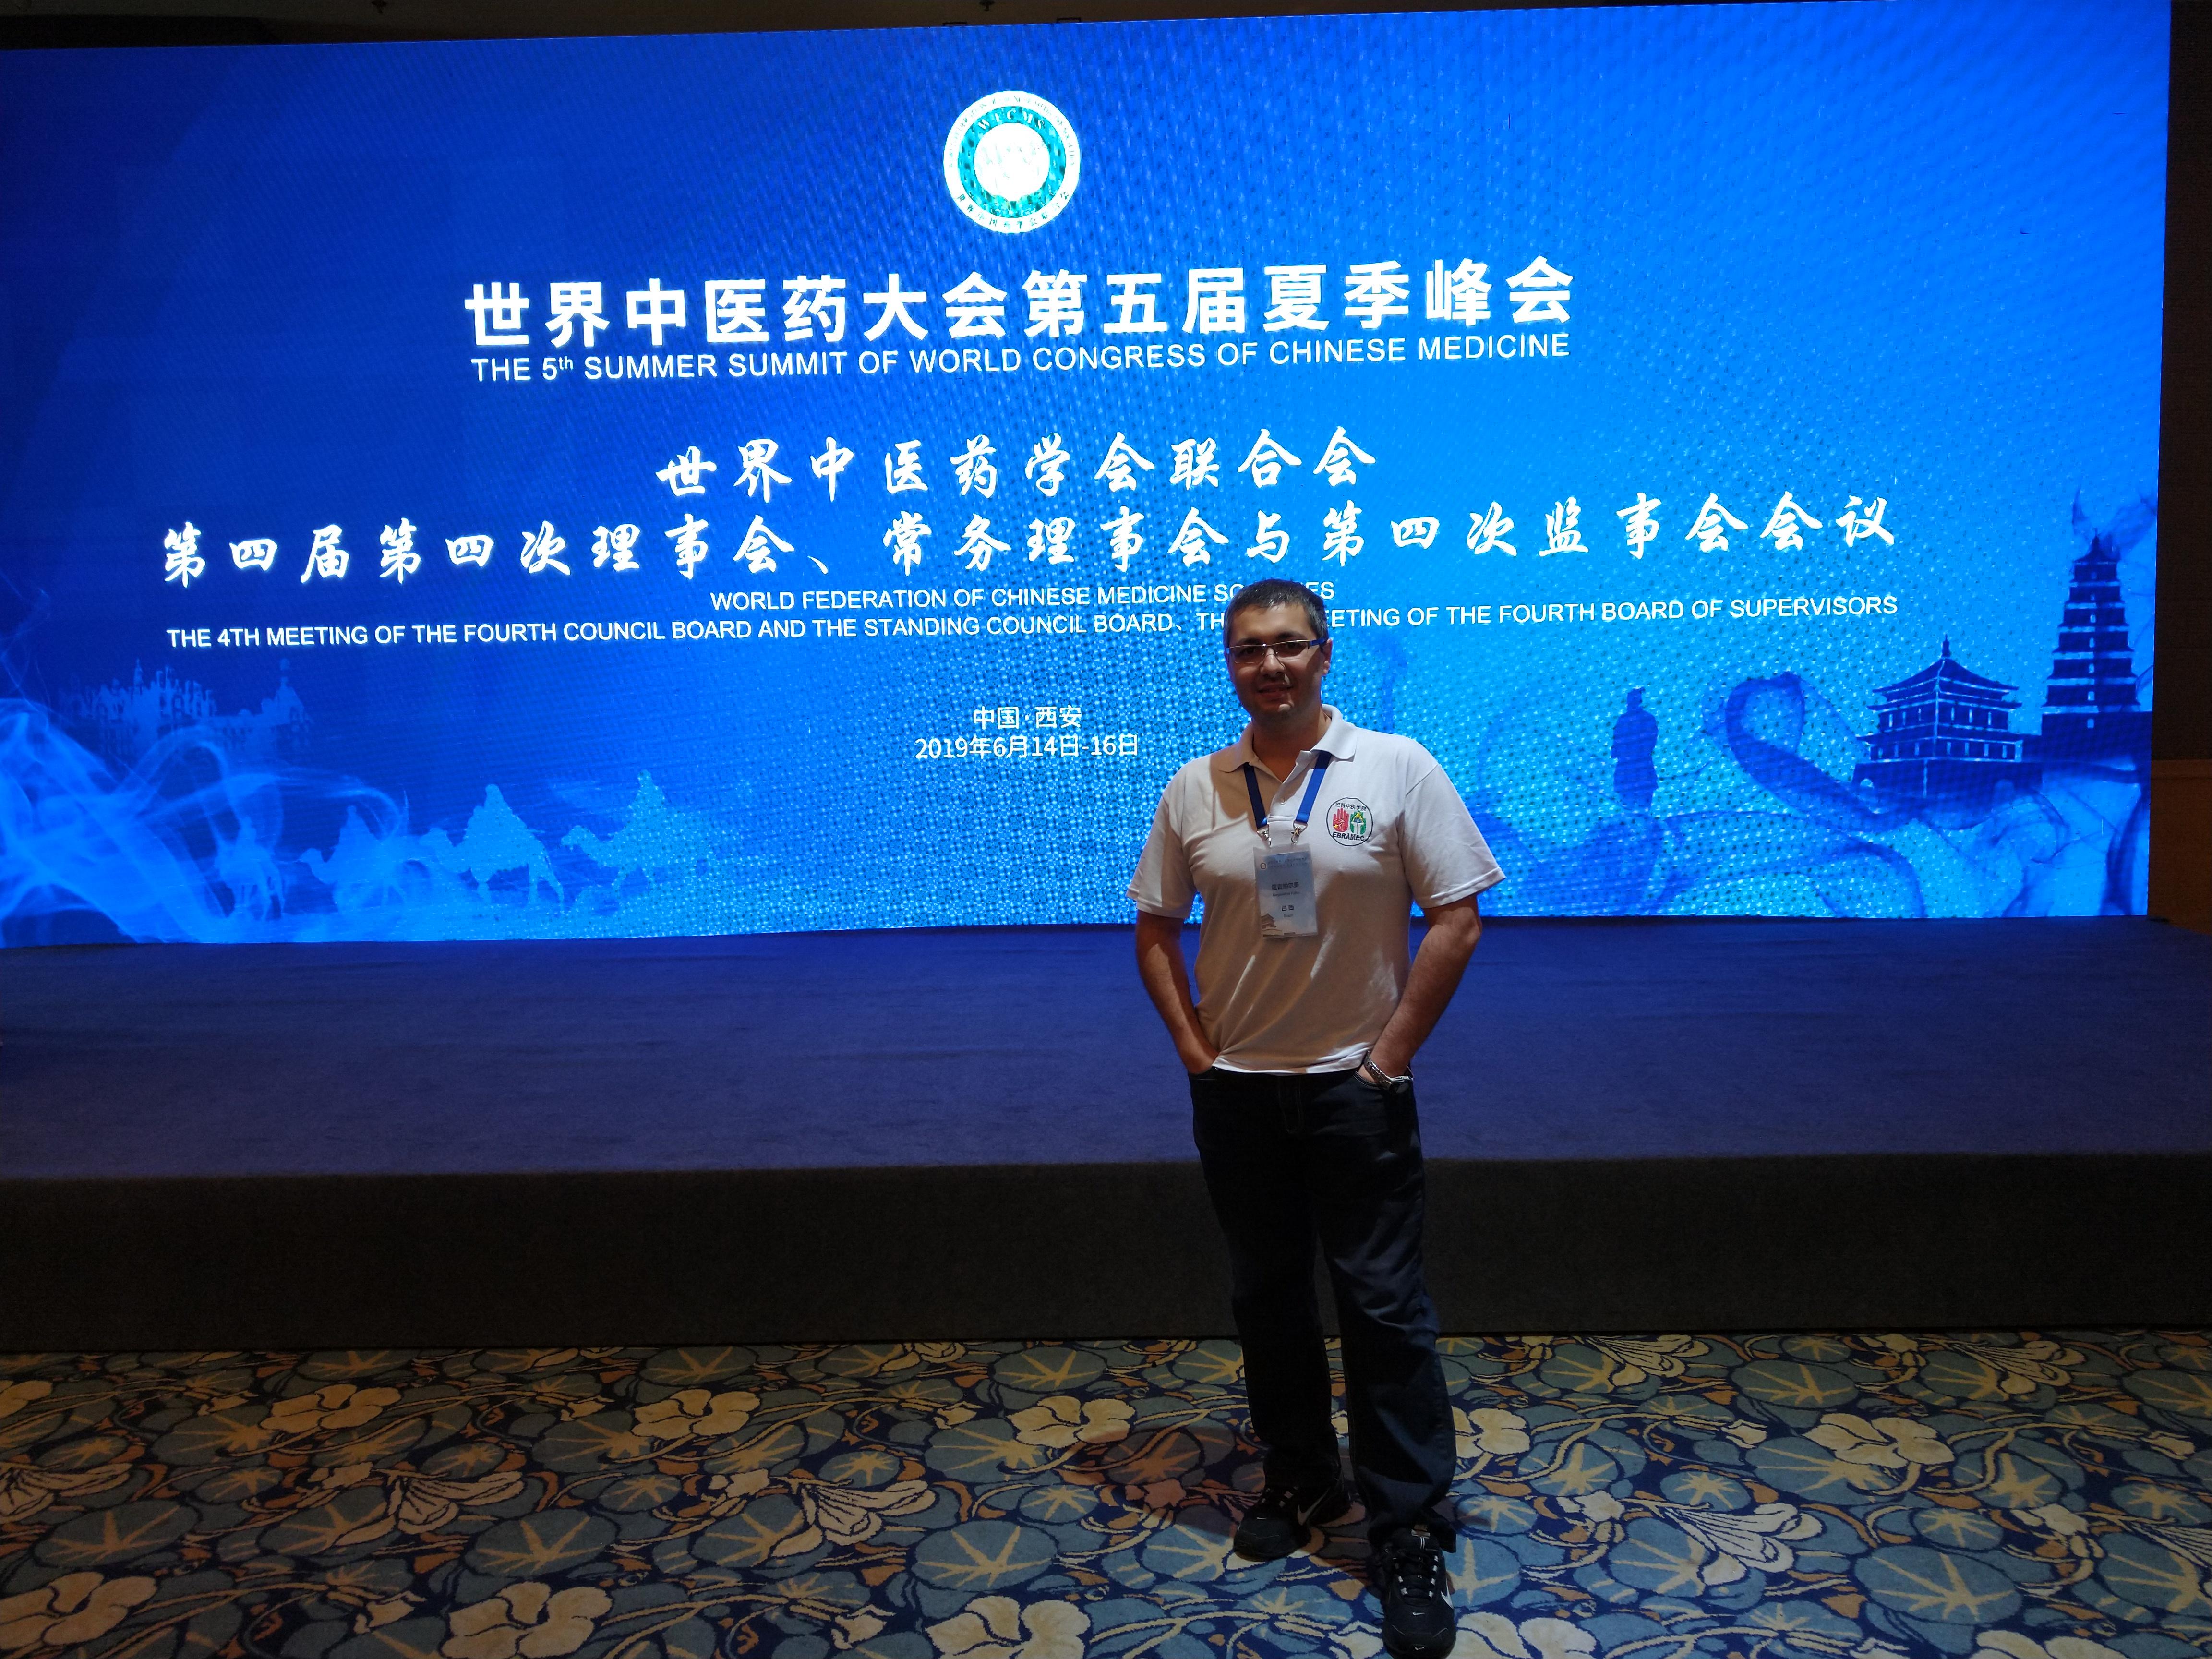 IMG_20190616_110305600_HDR-1 Padronização da Nomenclatura da Medicina Chinesa em Português